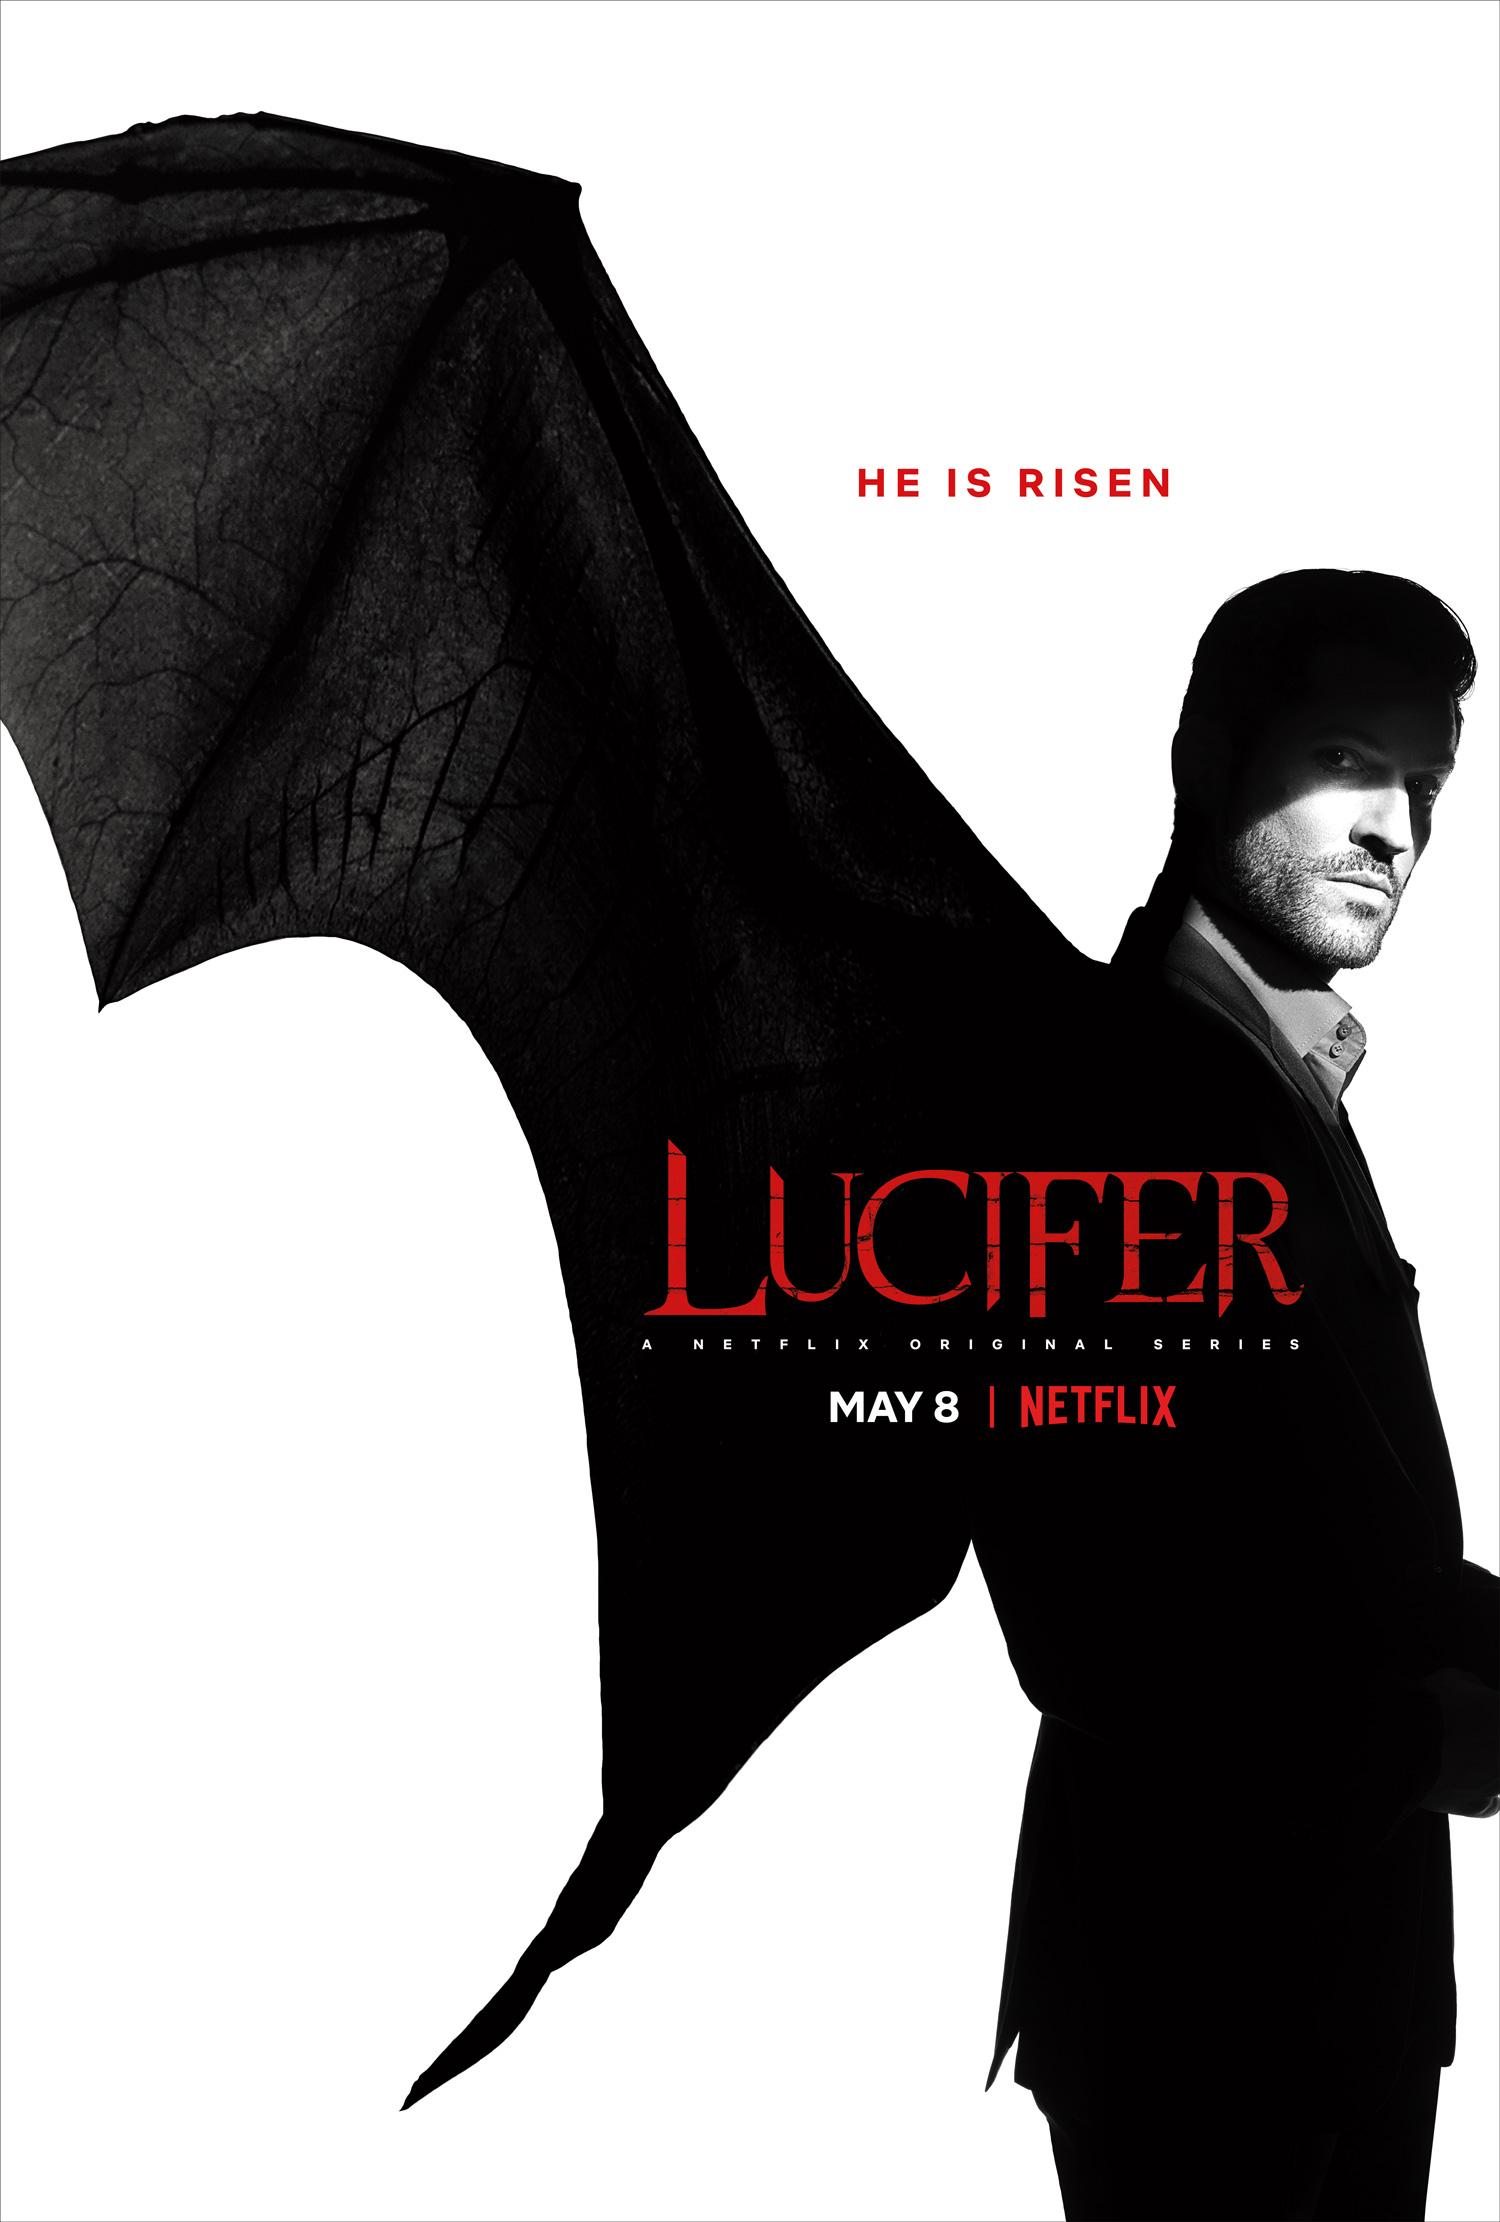 lucifer-season-4-poster-netflix.jpg